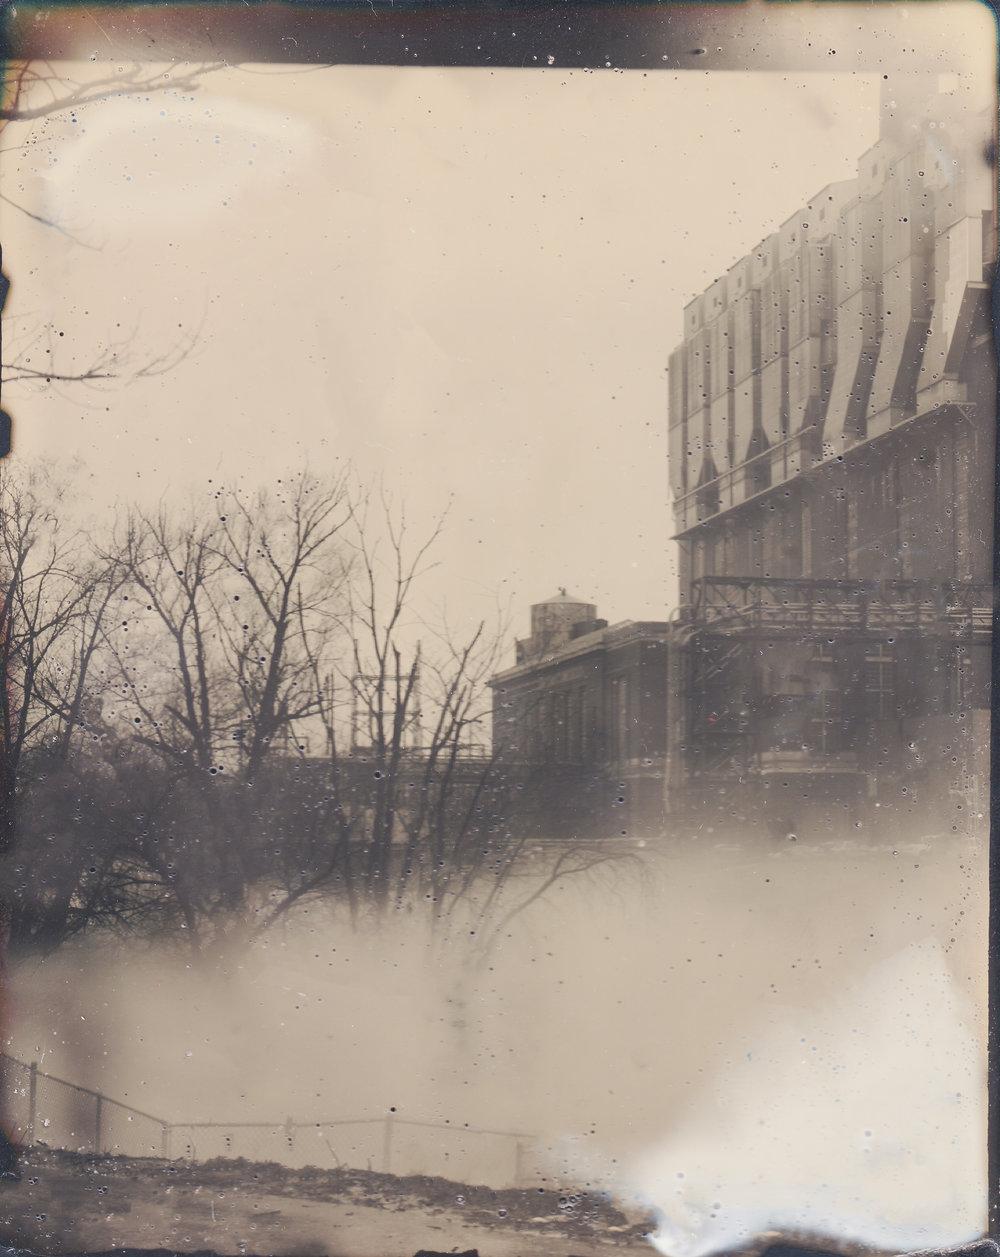 Lansing, MI tintype vintage photographer